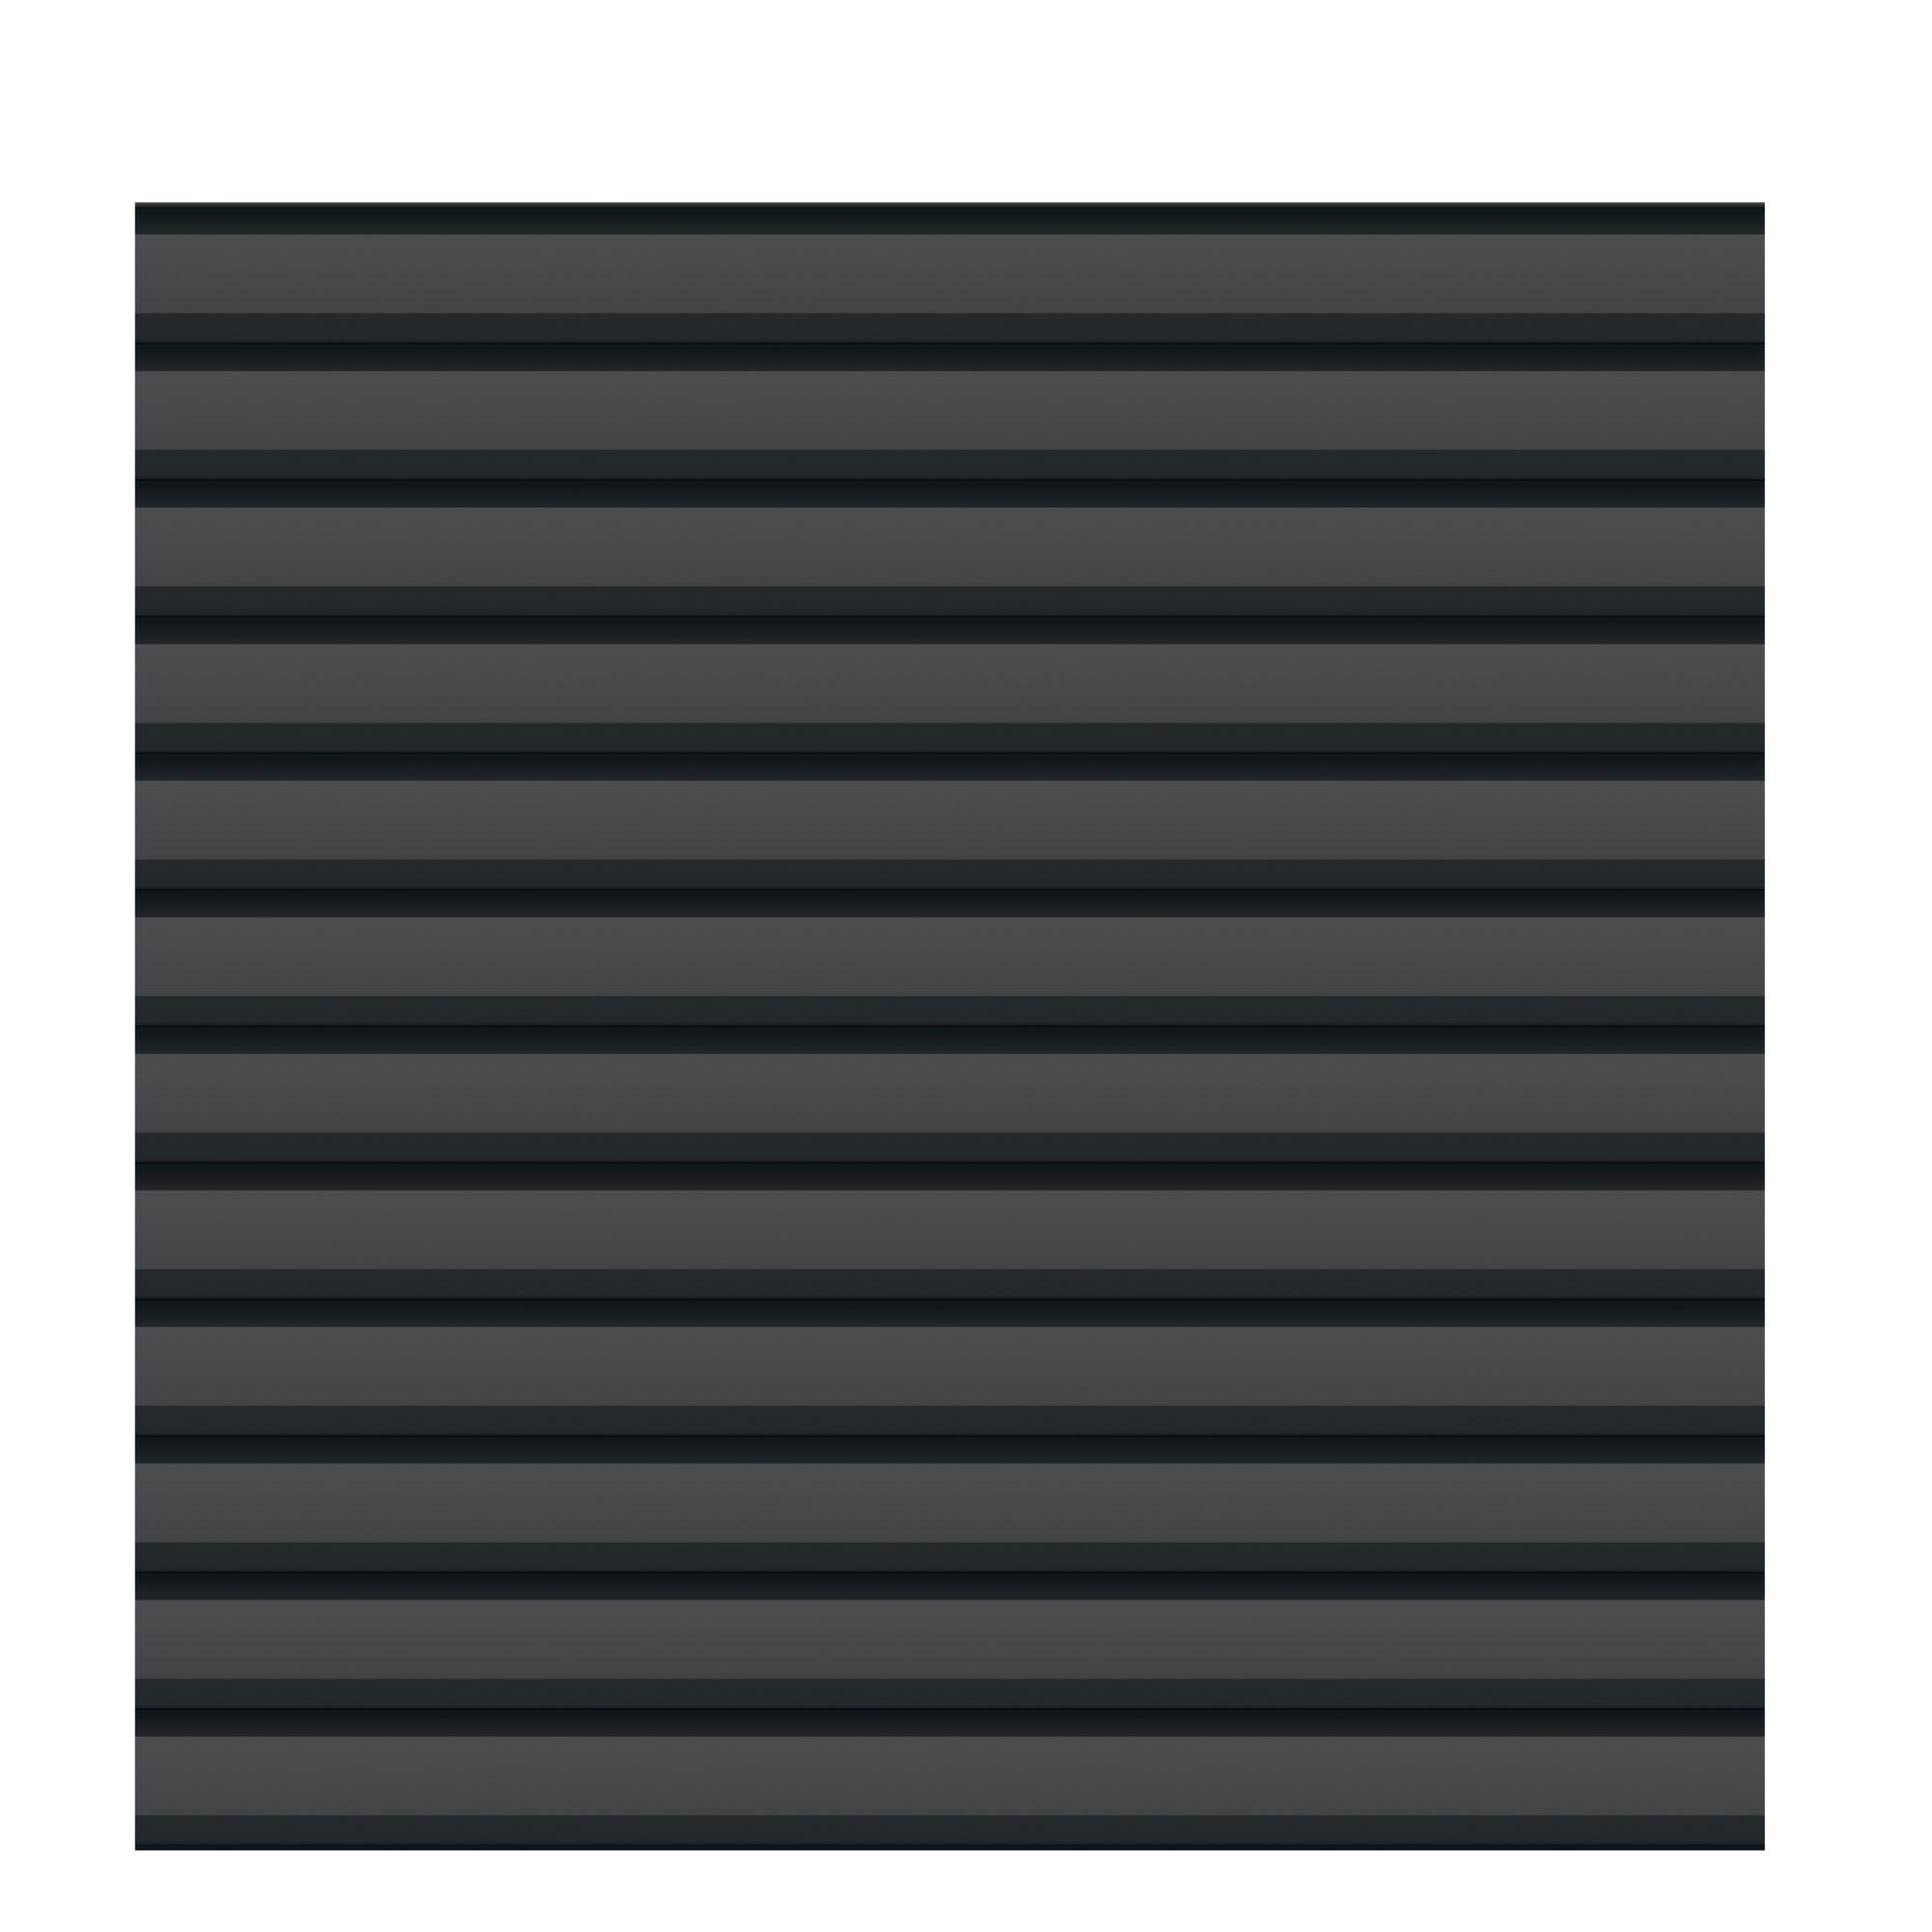 Sichtschutzzaun Traumgarten System Metall Basic anthrazit 179x180cm Bild 1